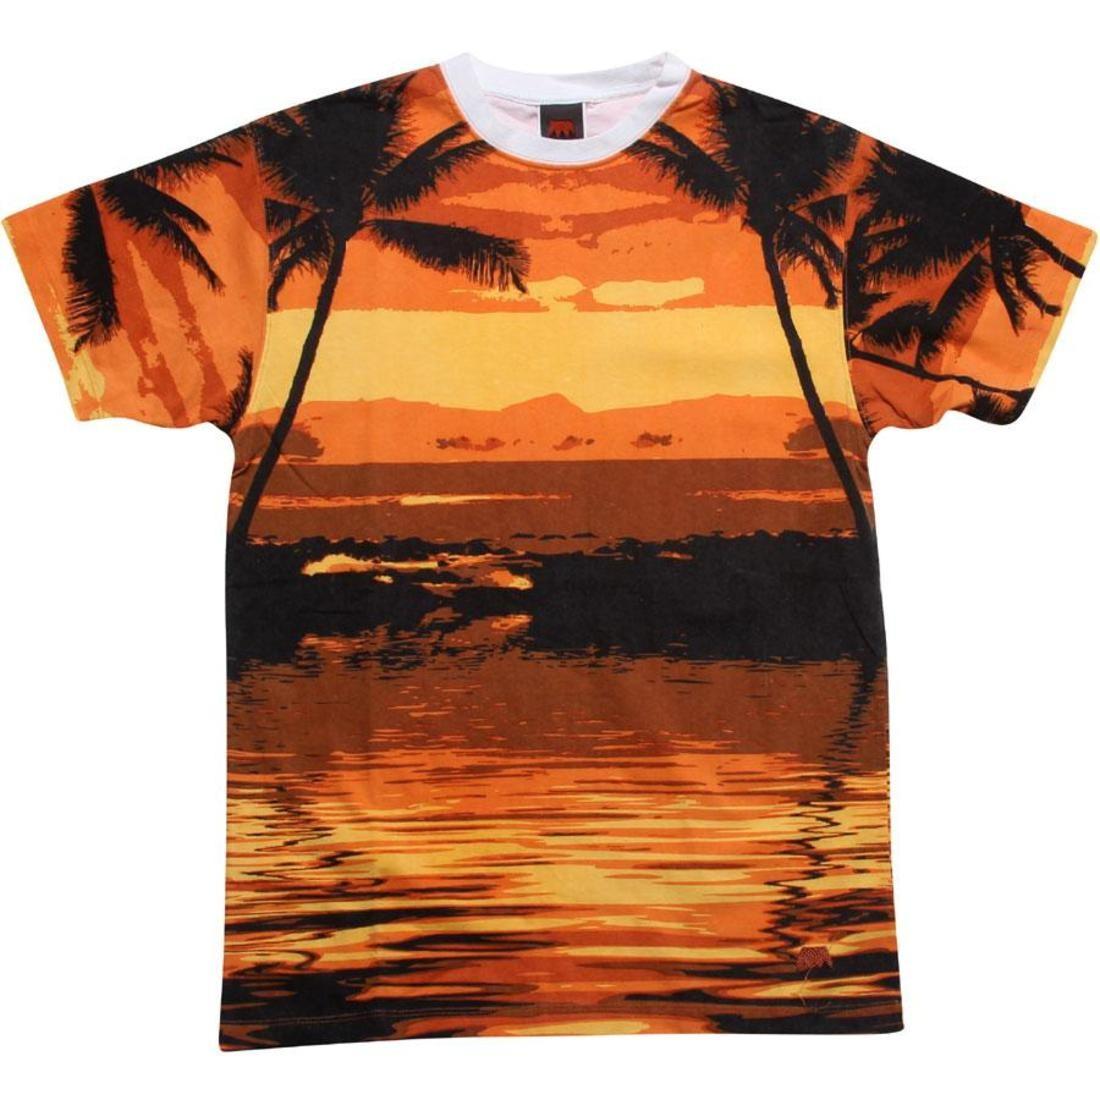 【海外限定】Tシャツ カットソー【 UNDER UNDER CROWN【】 SUNSET STRIP TEE BLACK ORANGE】, LoopLand:5830bbaf --- officewill.xsrv.jp